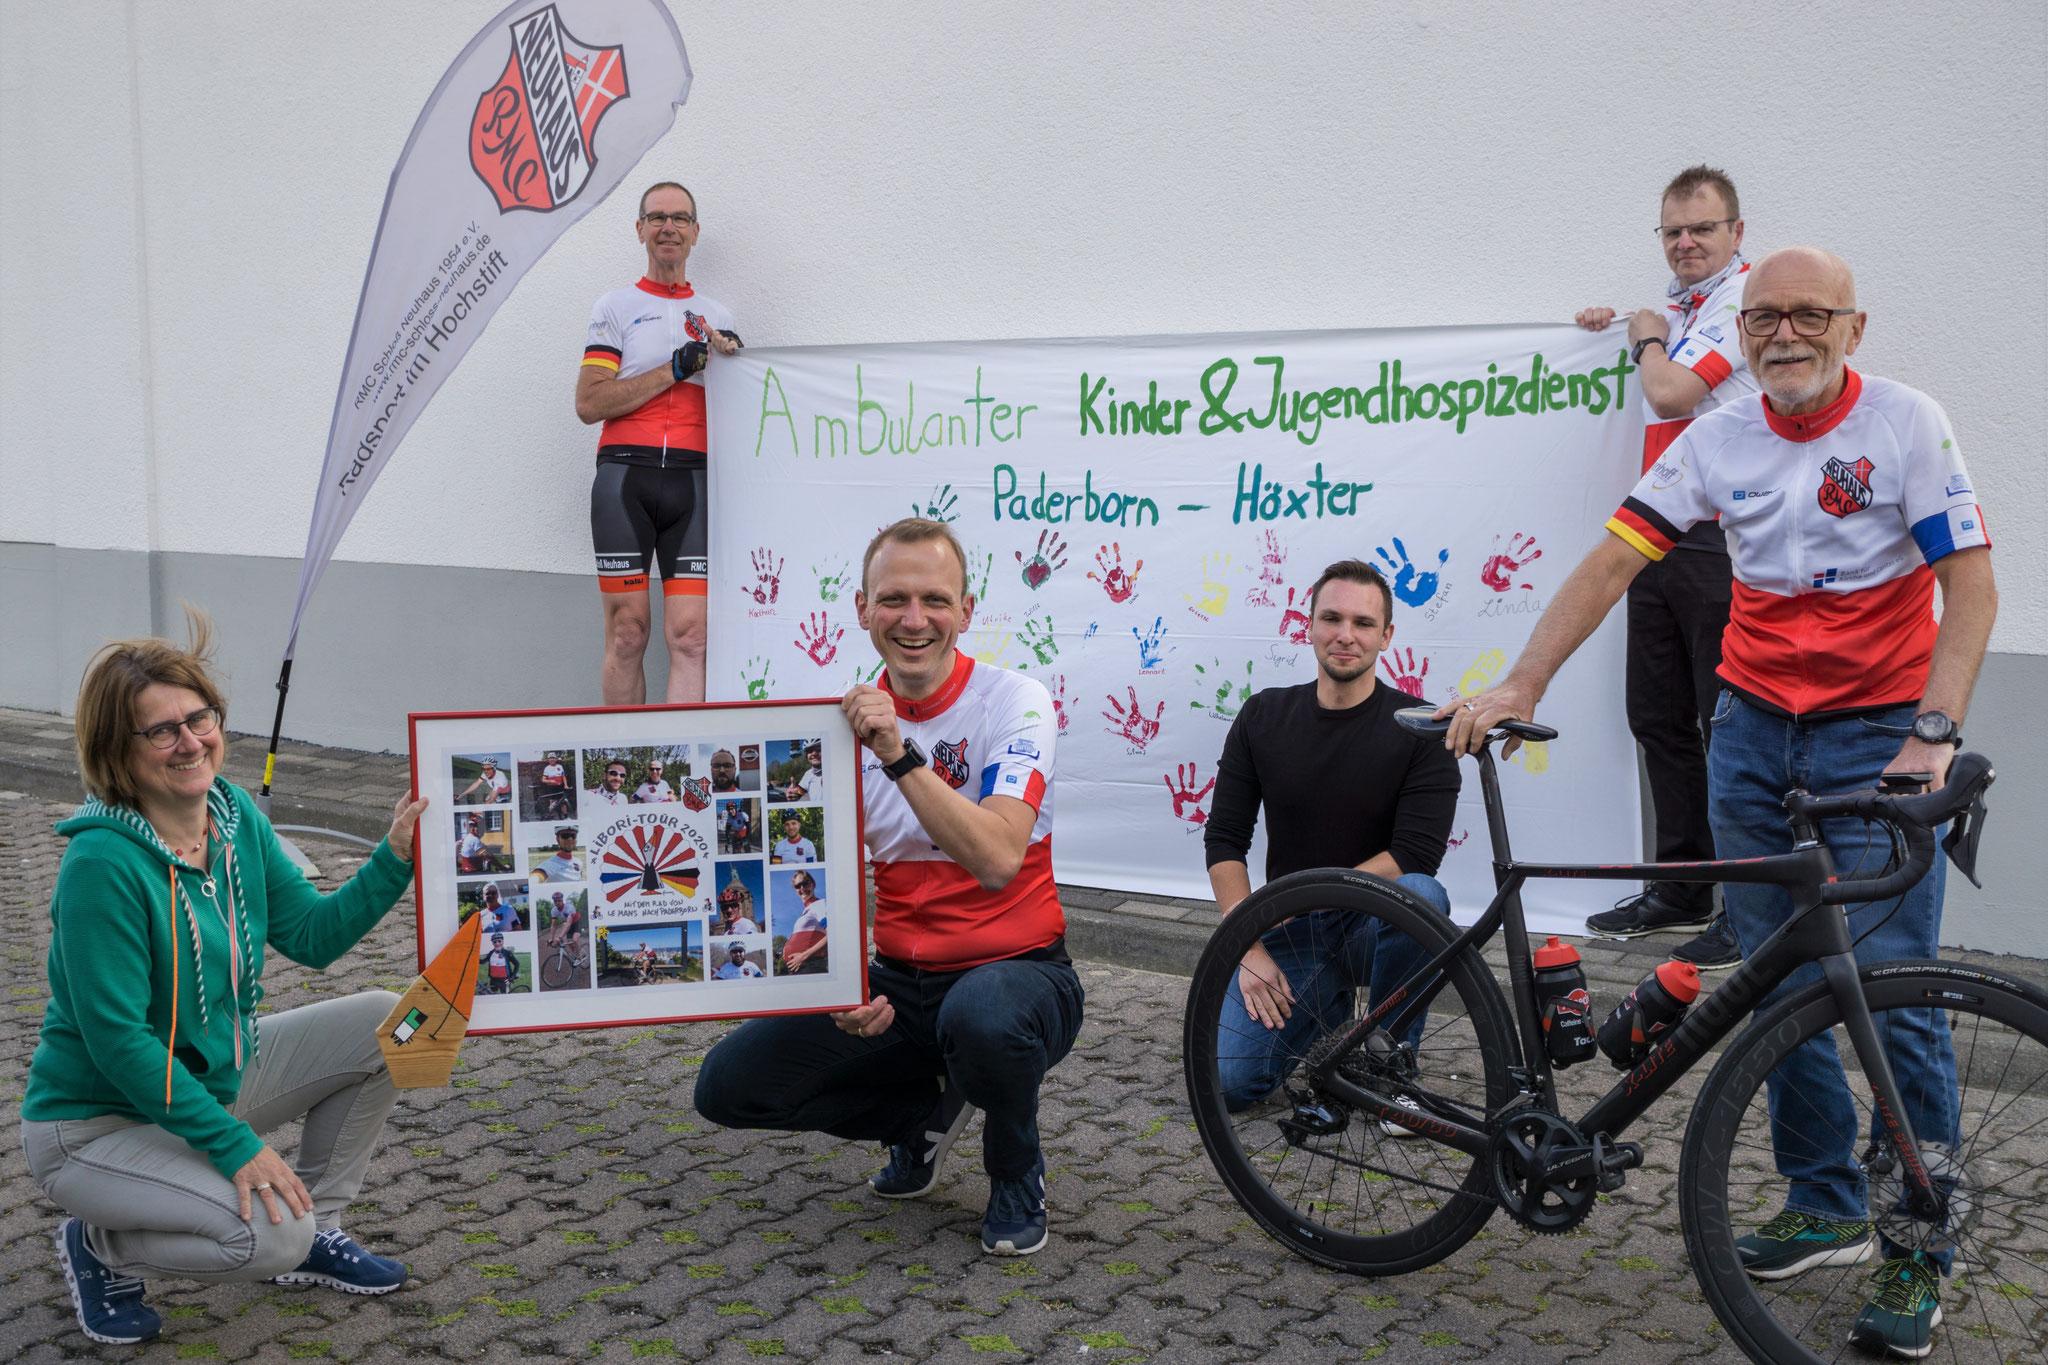 1. Reihe von links: Odilia Wagener (Koordinatorin AKHD PB-HX), Thomas Kirchhoff, Tobias Franc (Ehrenamtlicher AKHD PB-HX), Bernhard Dirkschnieder; 2. Reihe von links: Christoph Lescher, Martin Klösener